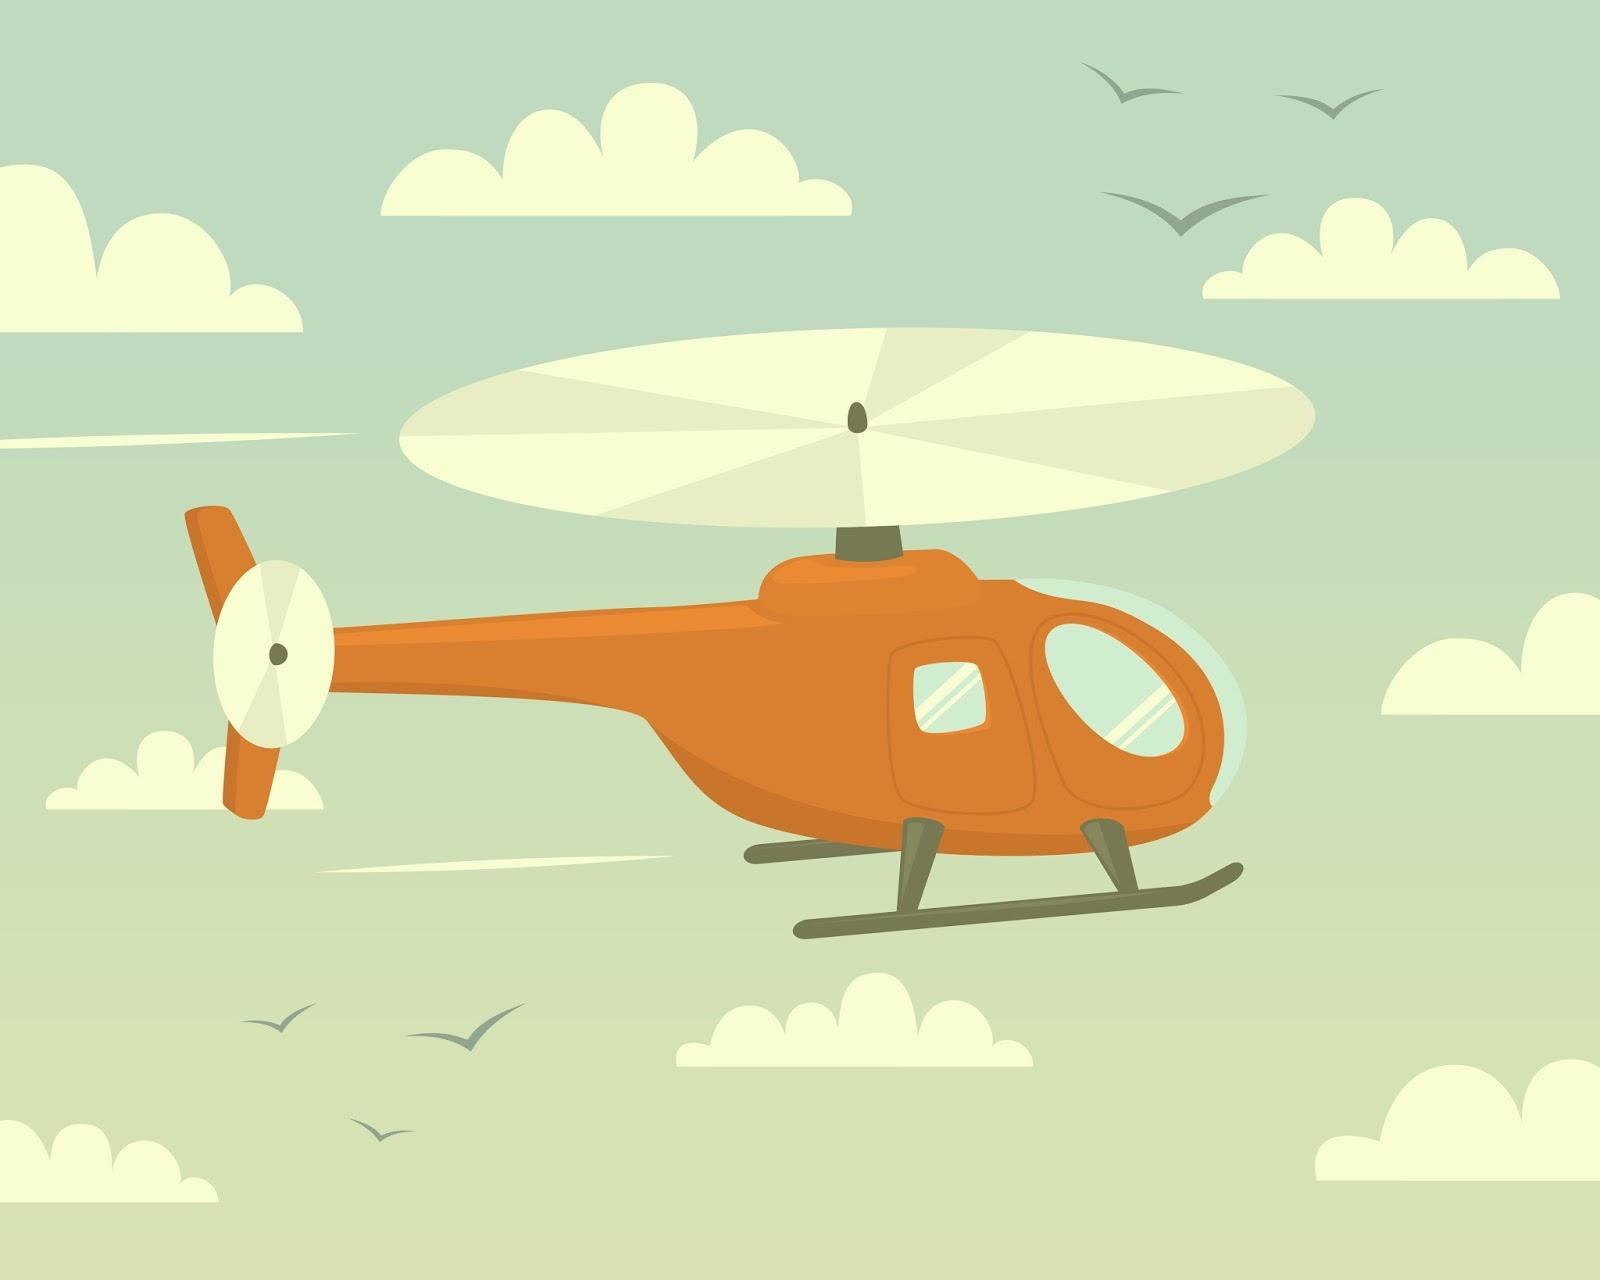 Los terribles daños que causan los 'padres helicóptero' al volar sobre sus hijos incesantemente